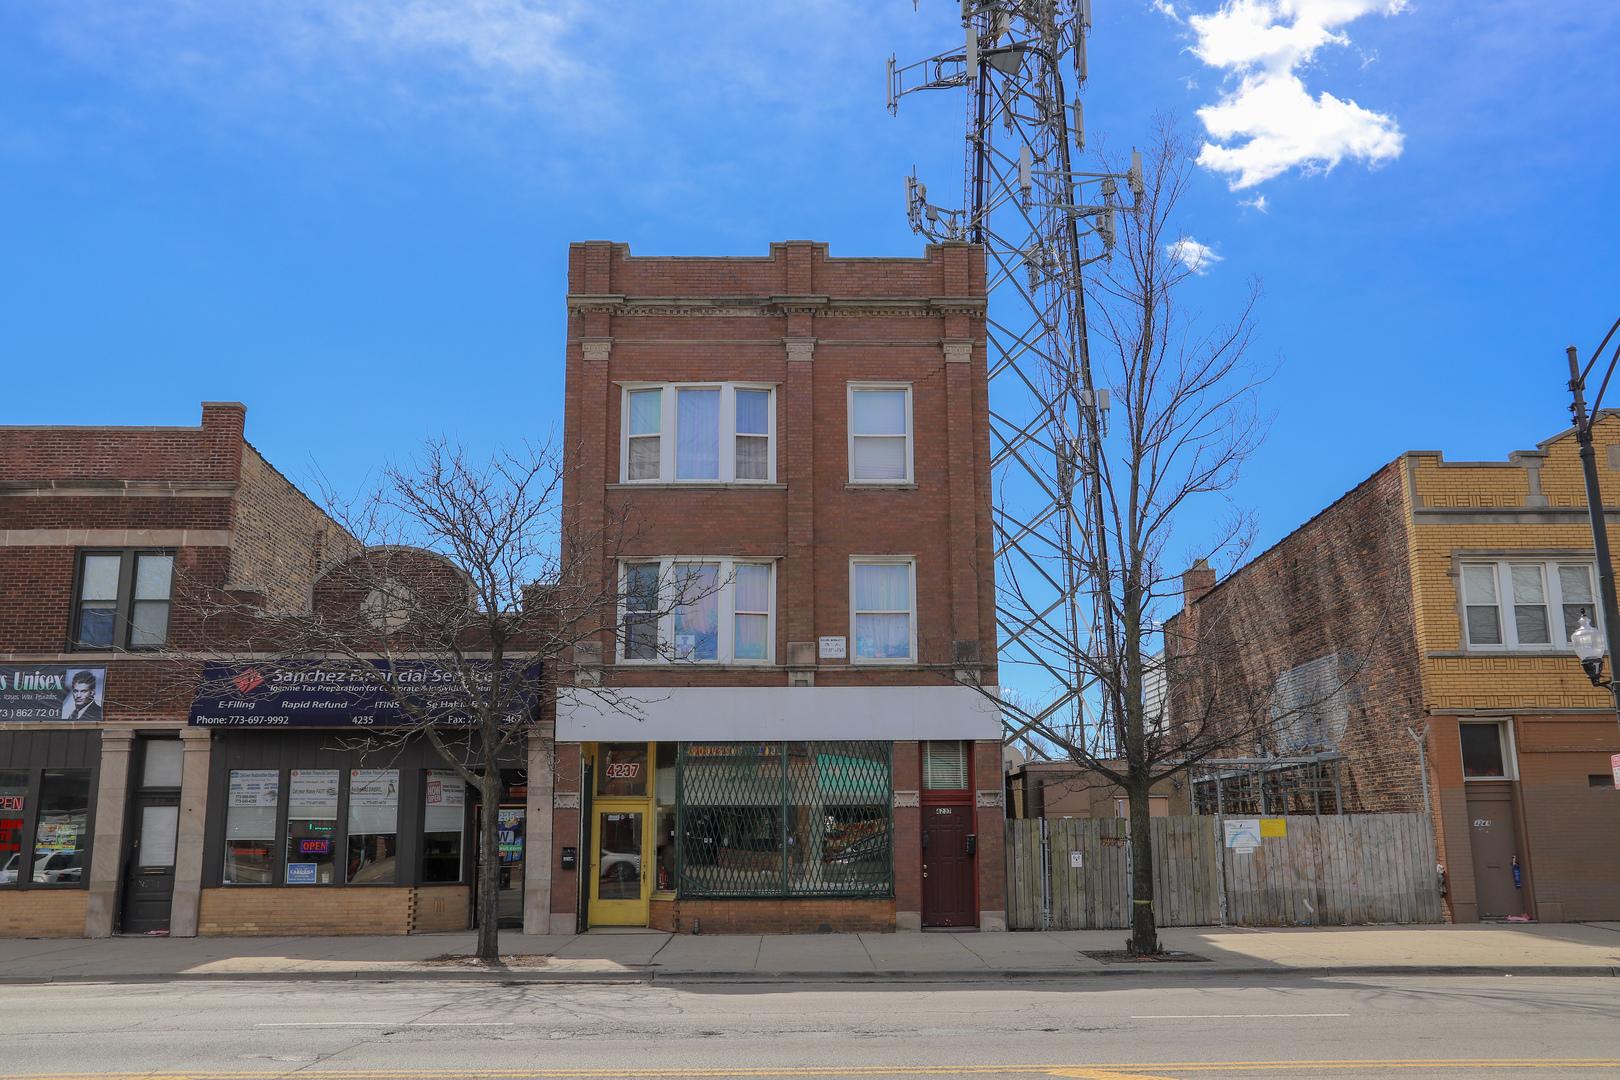 4237 Fullerton ,Chicago, Illinois 60639